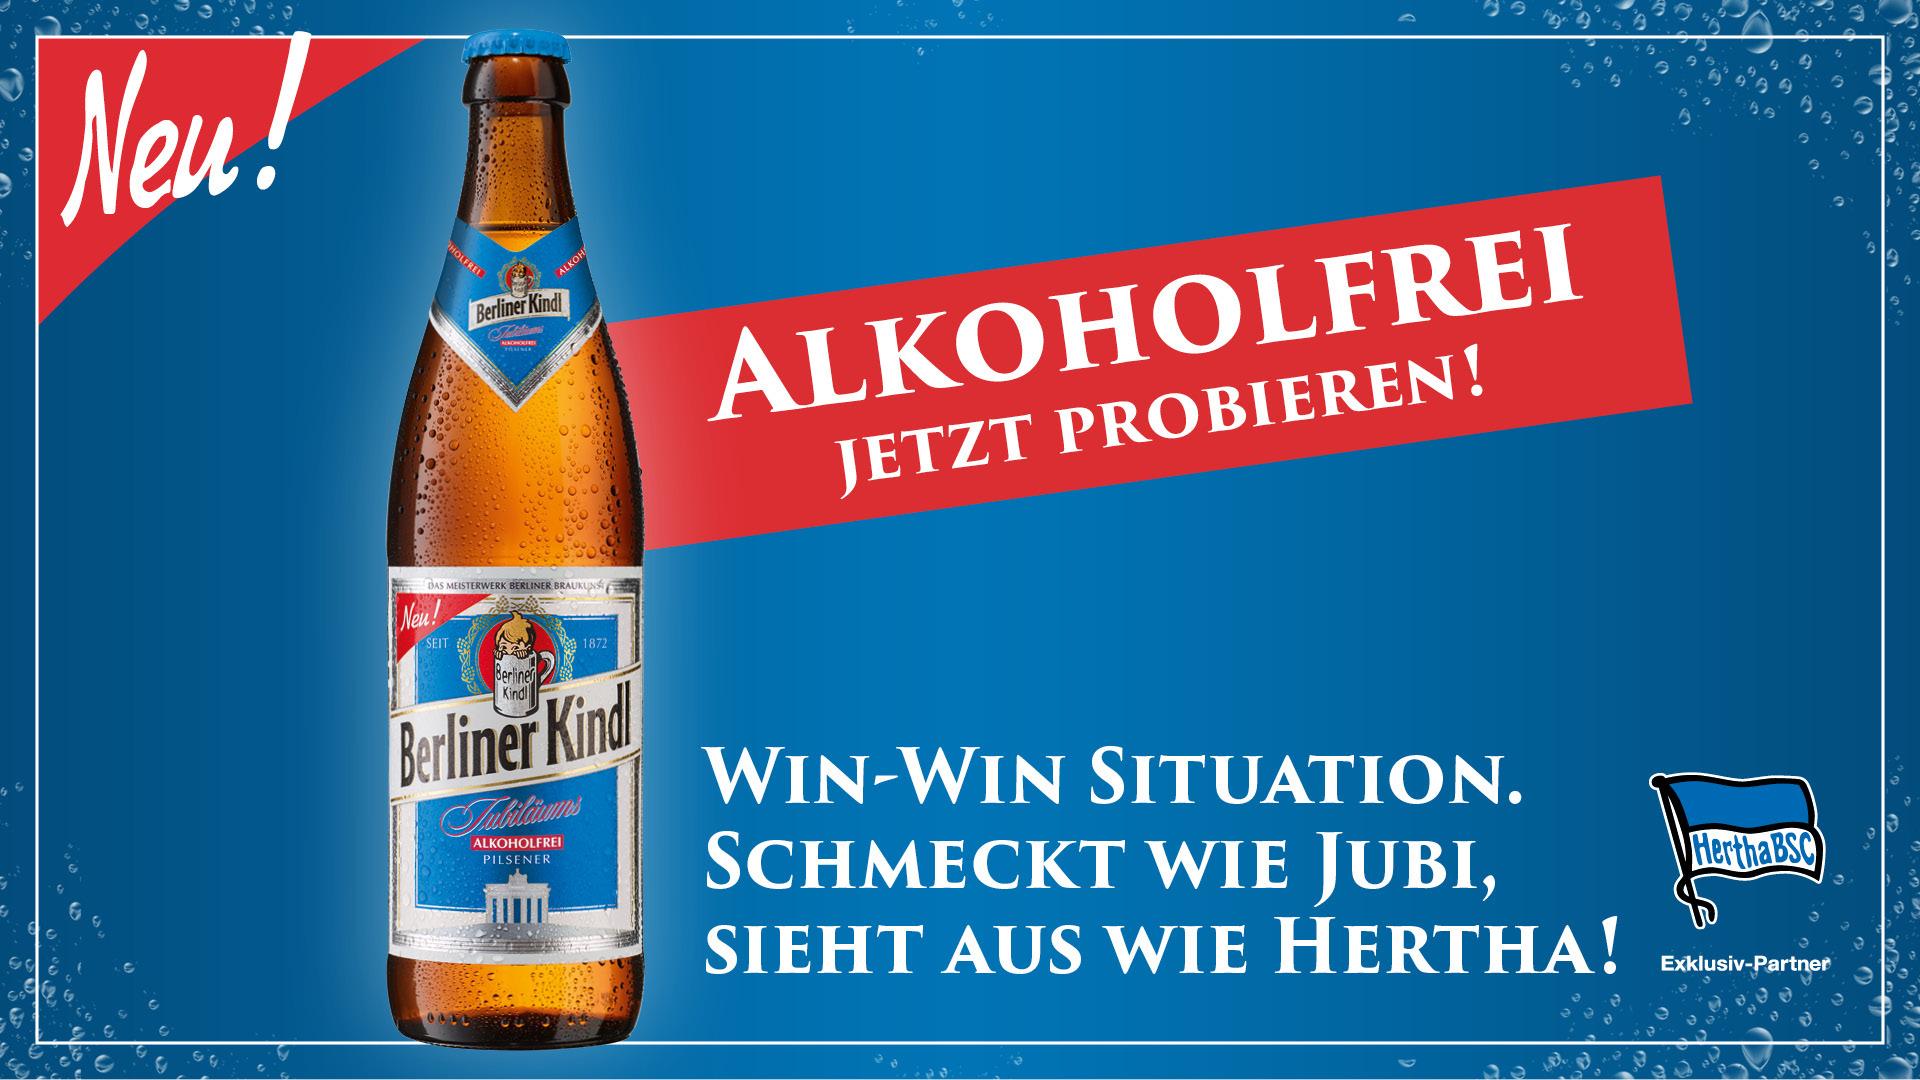 Das neue Berliner Kindl alkoholfrei - jetzt probieren.